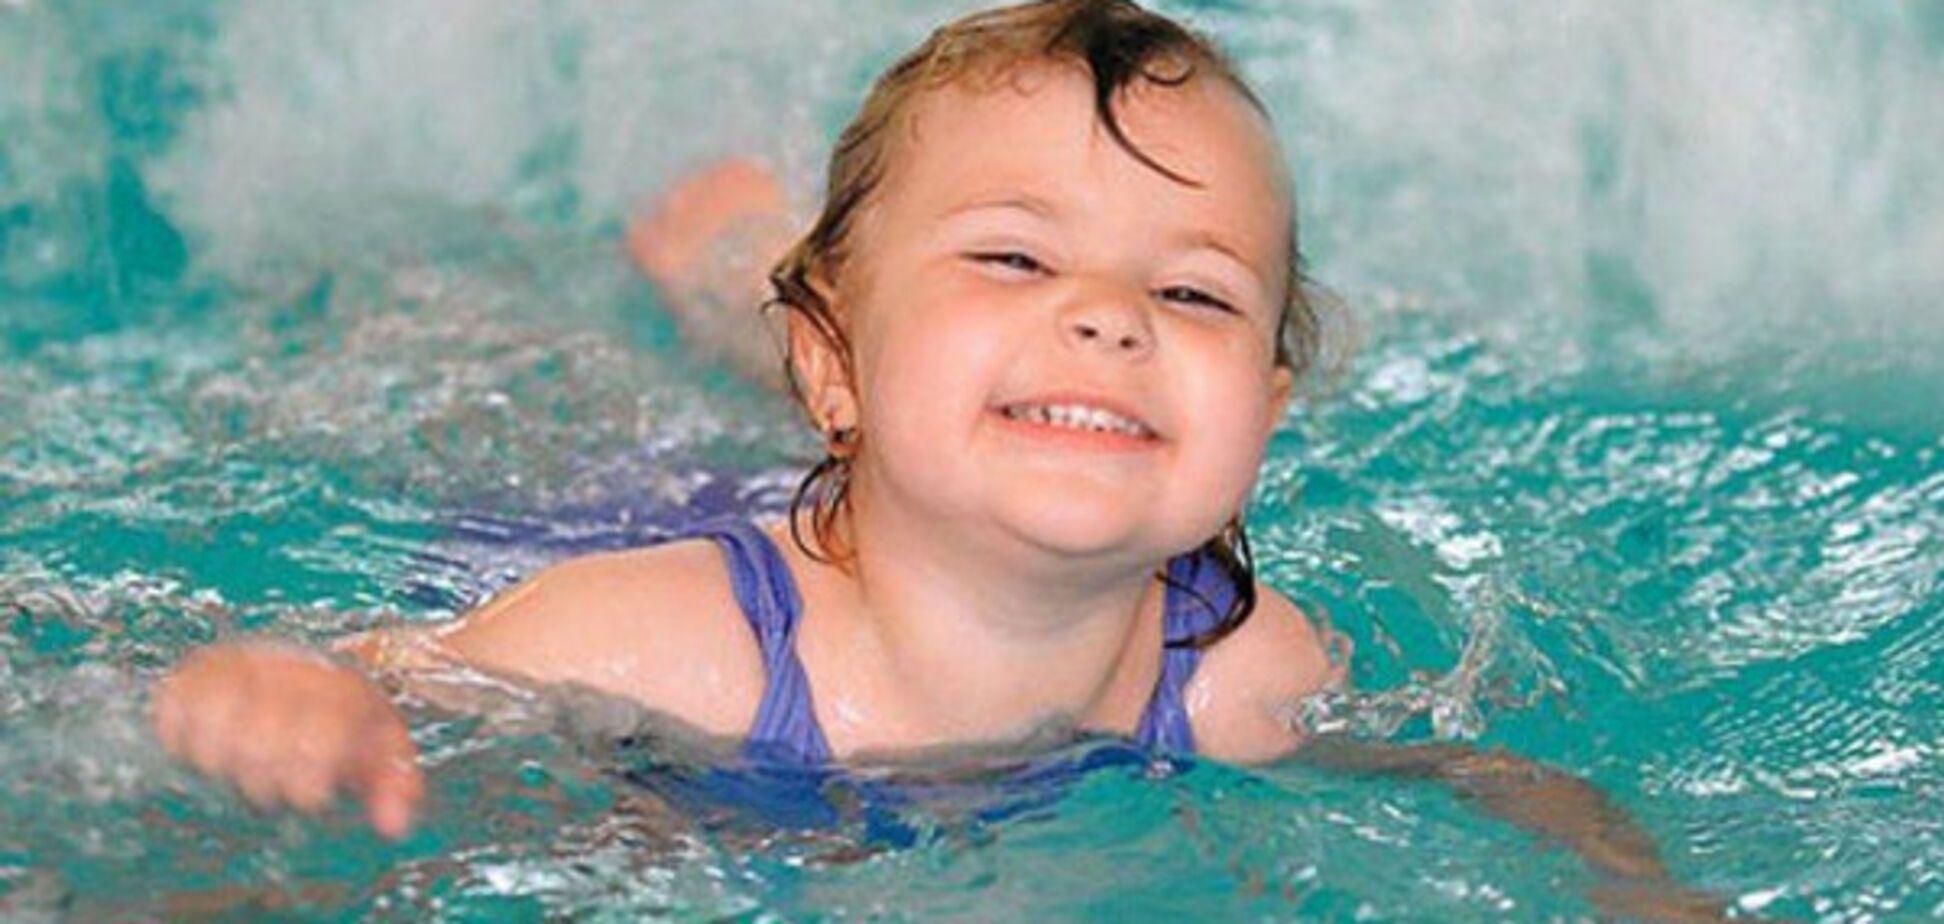 Ребенок боится воды: несколько советов, которые помогут справиться со страхом